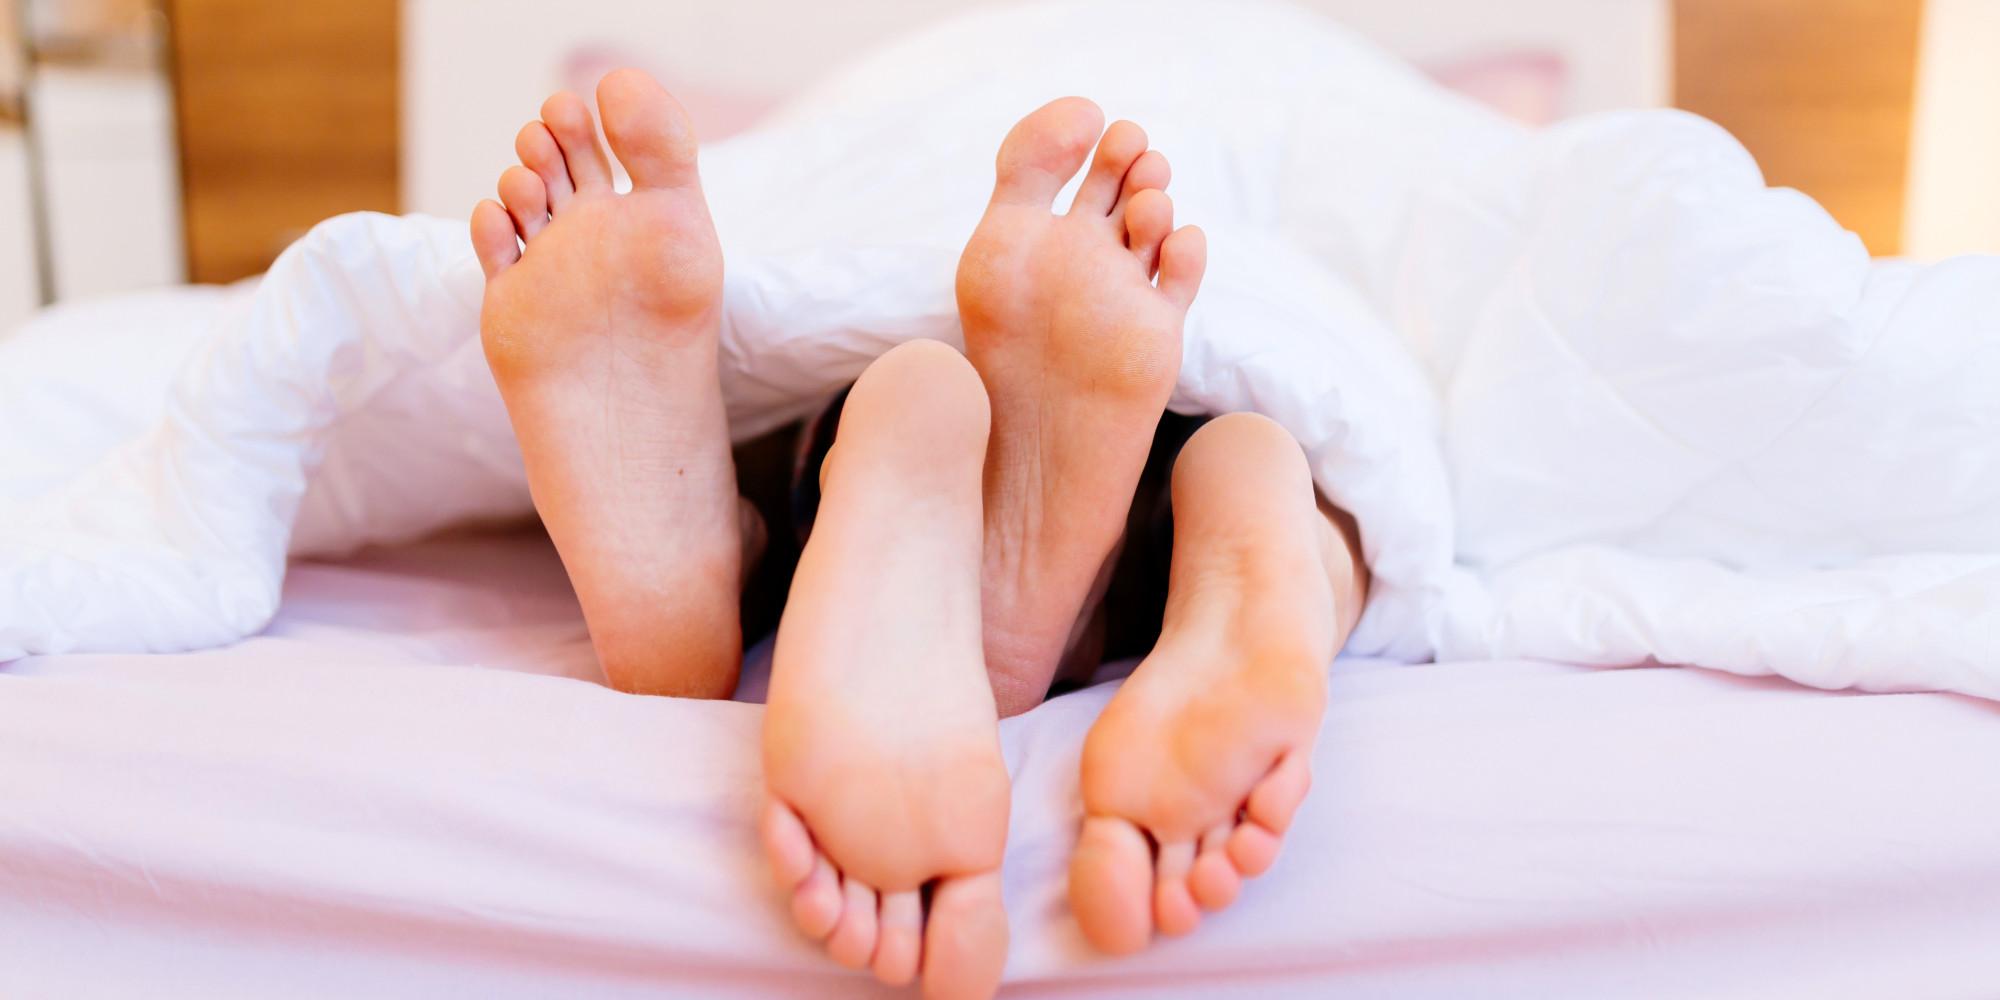 bryllupsreise hellas dame søker sex